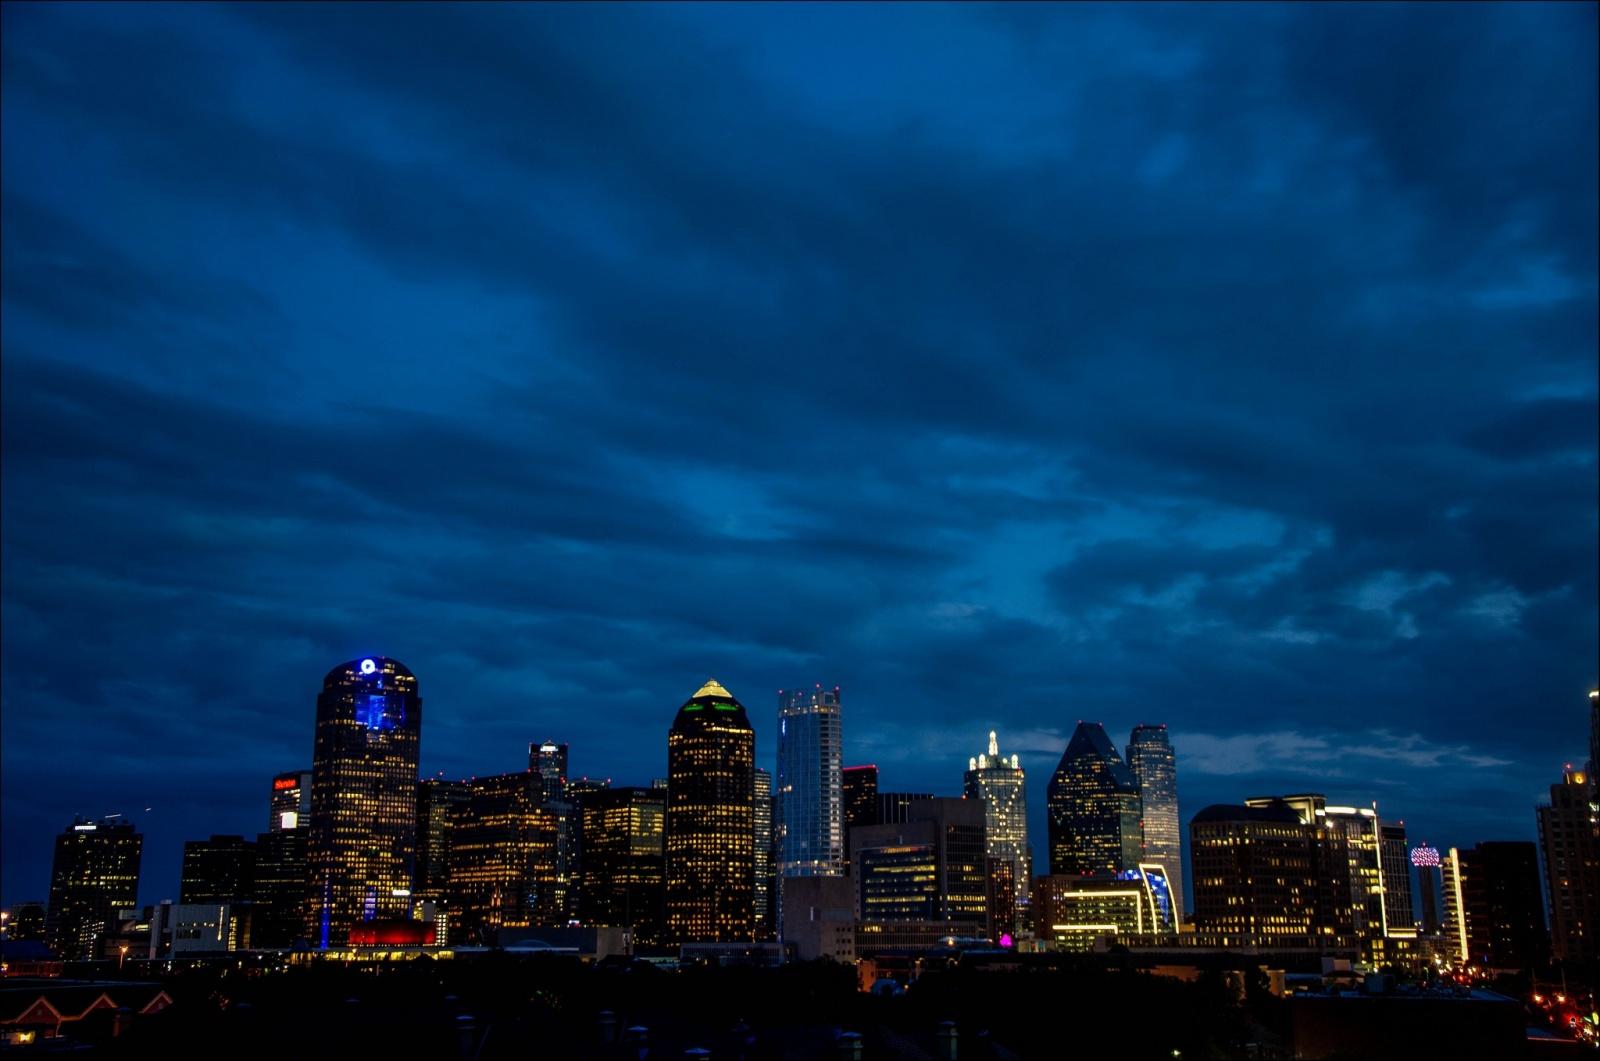 В Далласе полтора часа не могли отключить 156 сирен гражданской обороны - 1